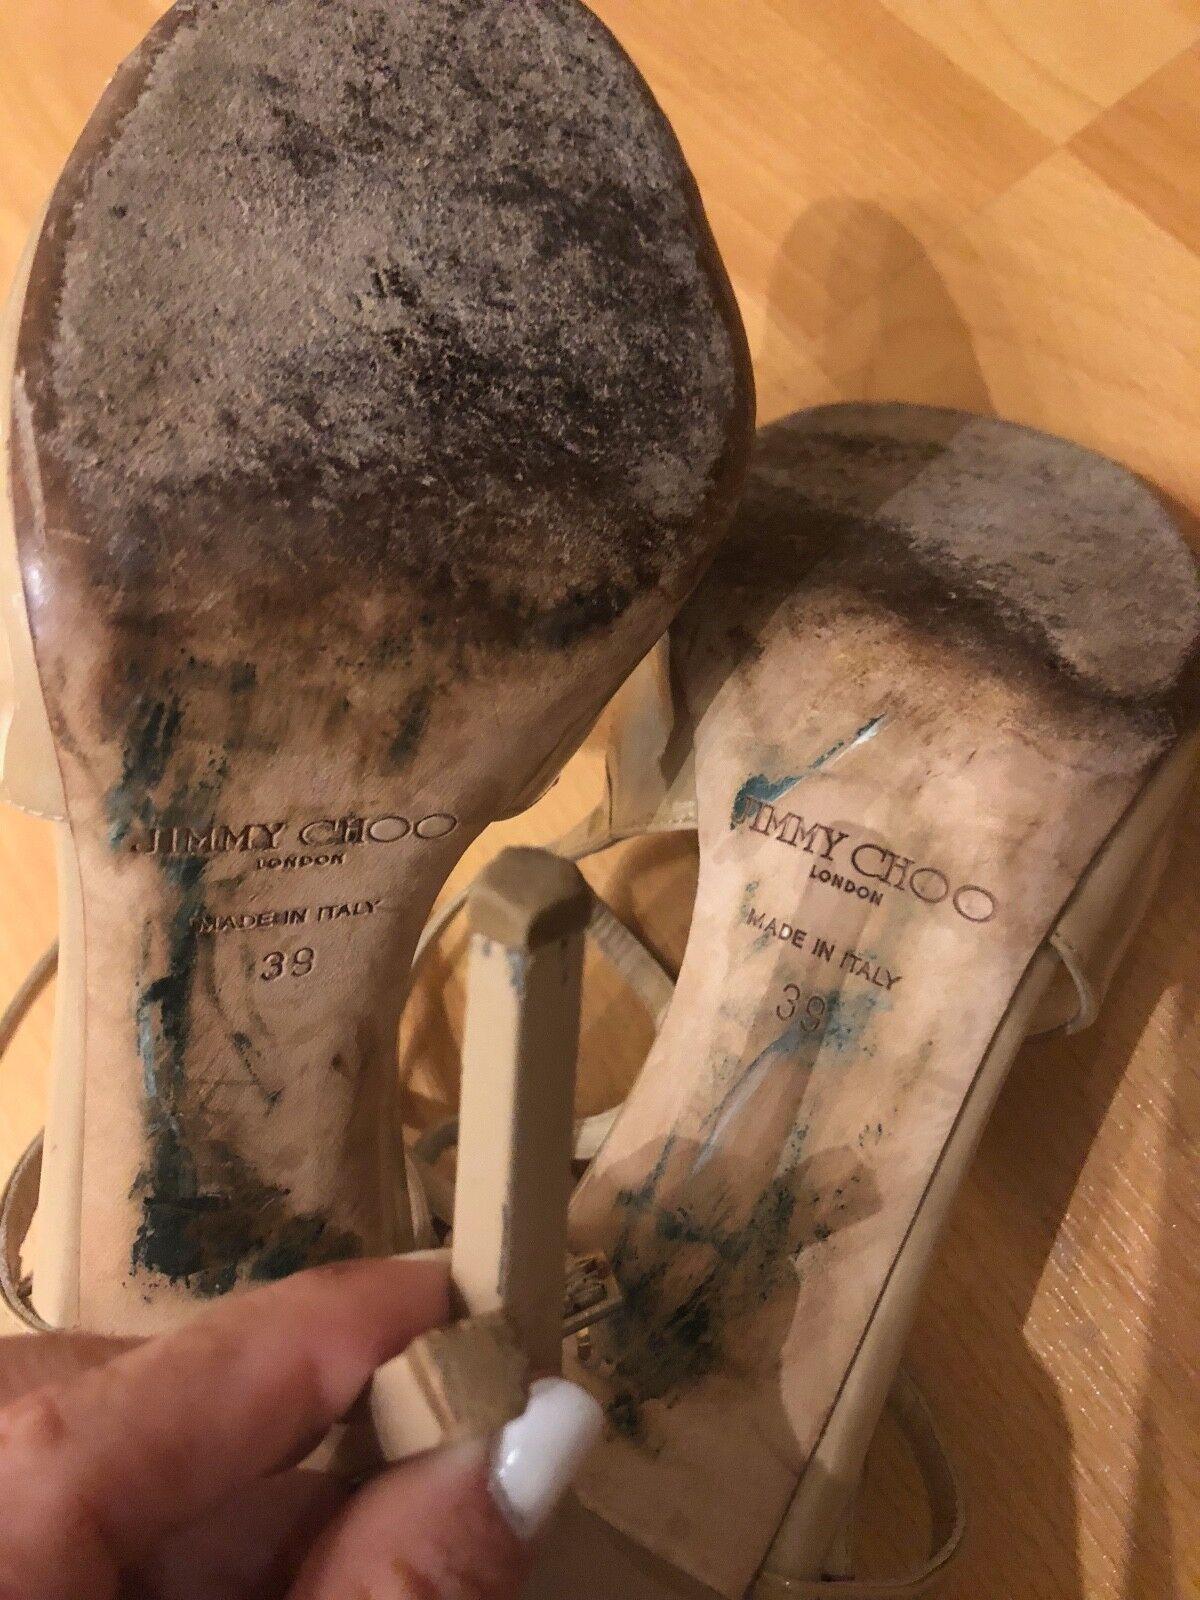 JIMMY CHOO Lang Nude Beige Patent Leather Strappy Cross Heels Heels Heels Größe 39 SHARWEI e69c66